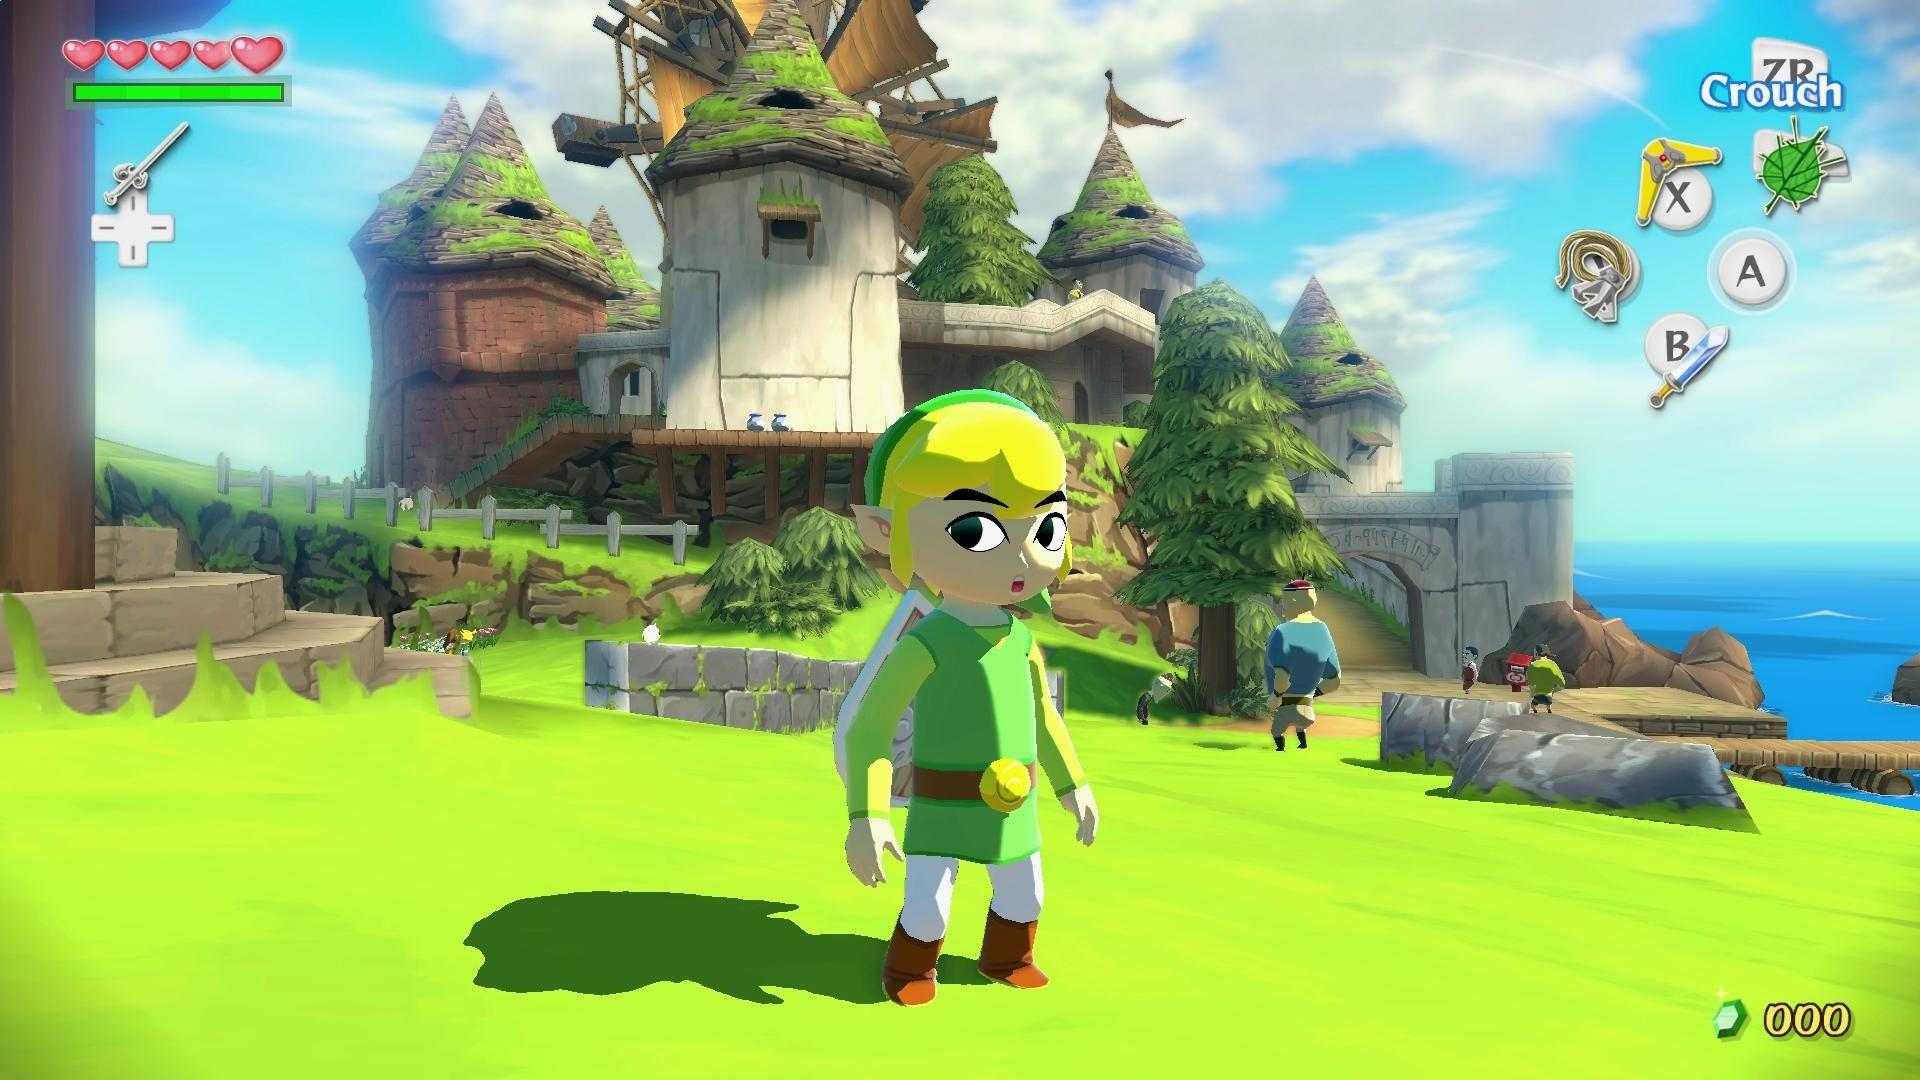 The-Legend-of-Zelda-Wallpaper-HD-Free-Download